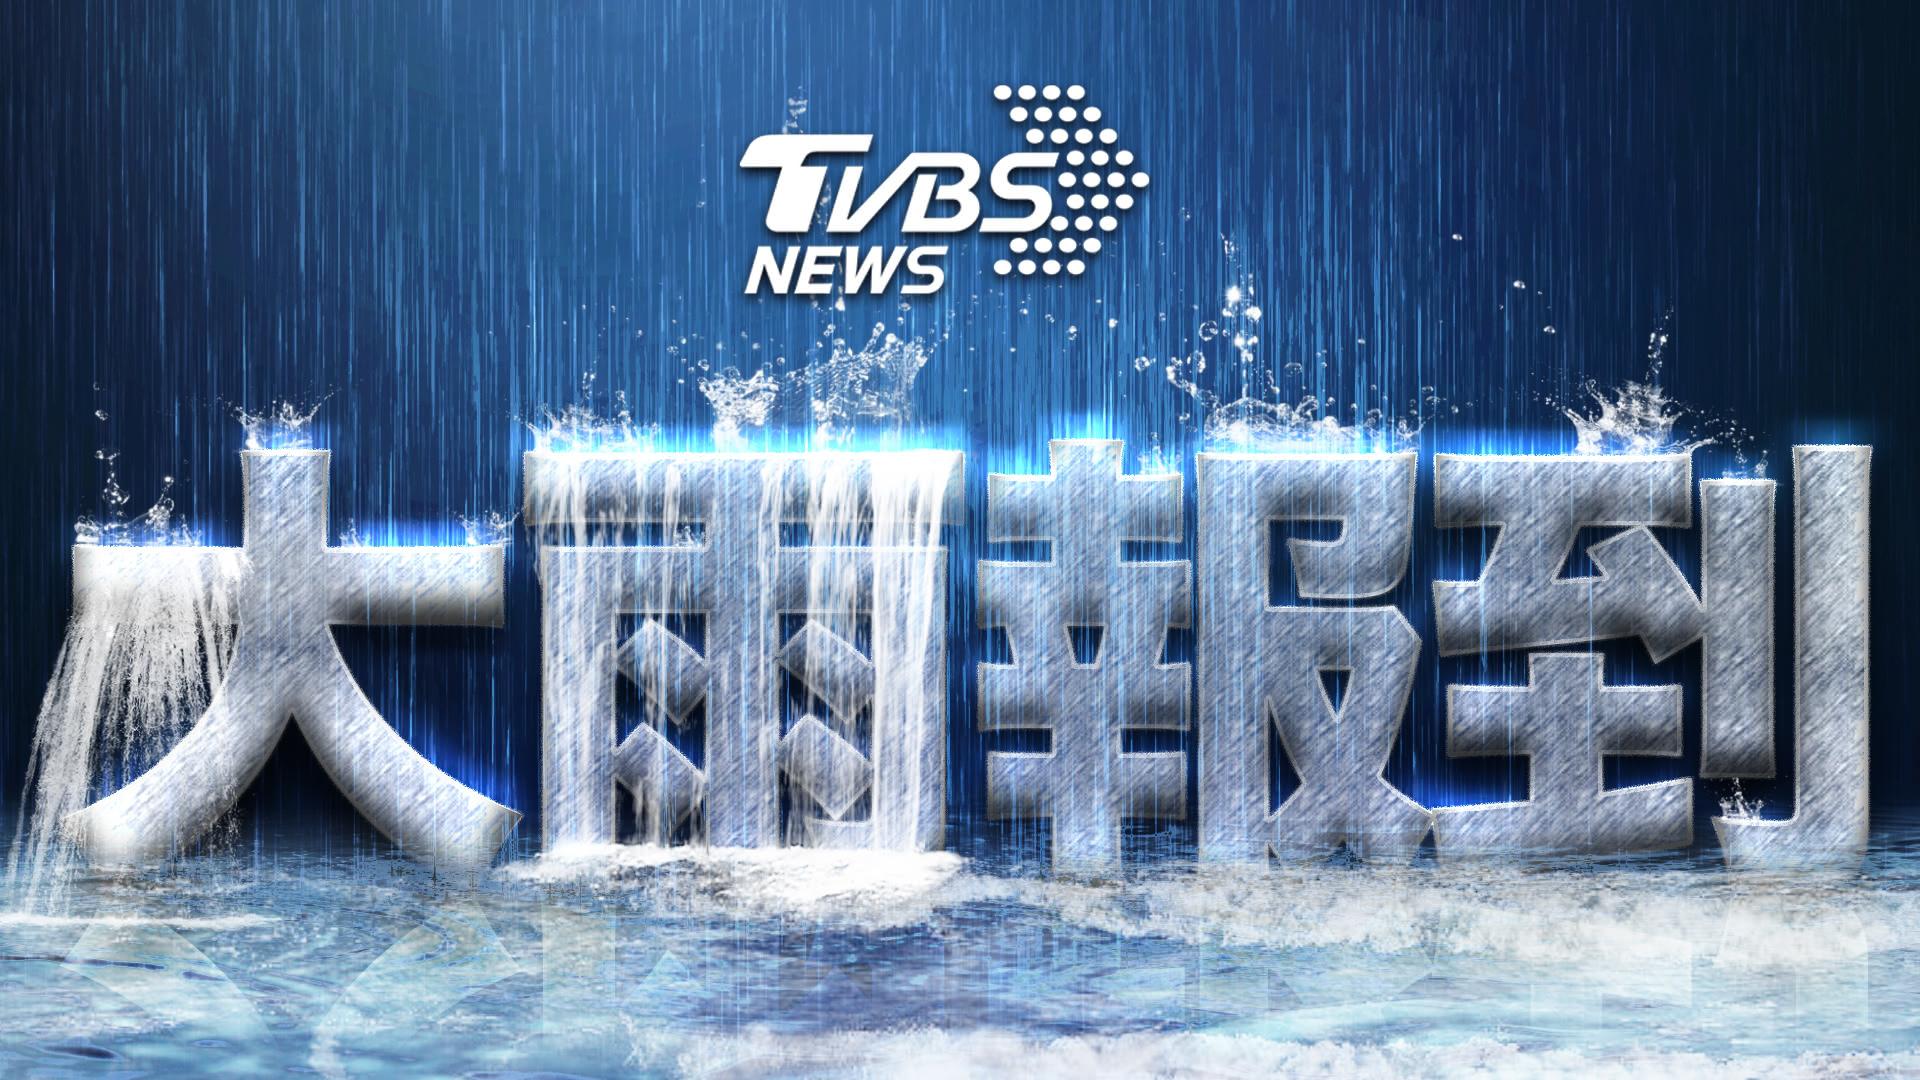 圖/TVBS 快訊/水利署淹水警戒通報 北市北投一級警戒